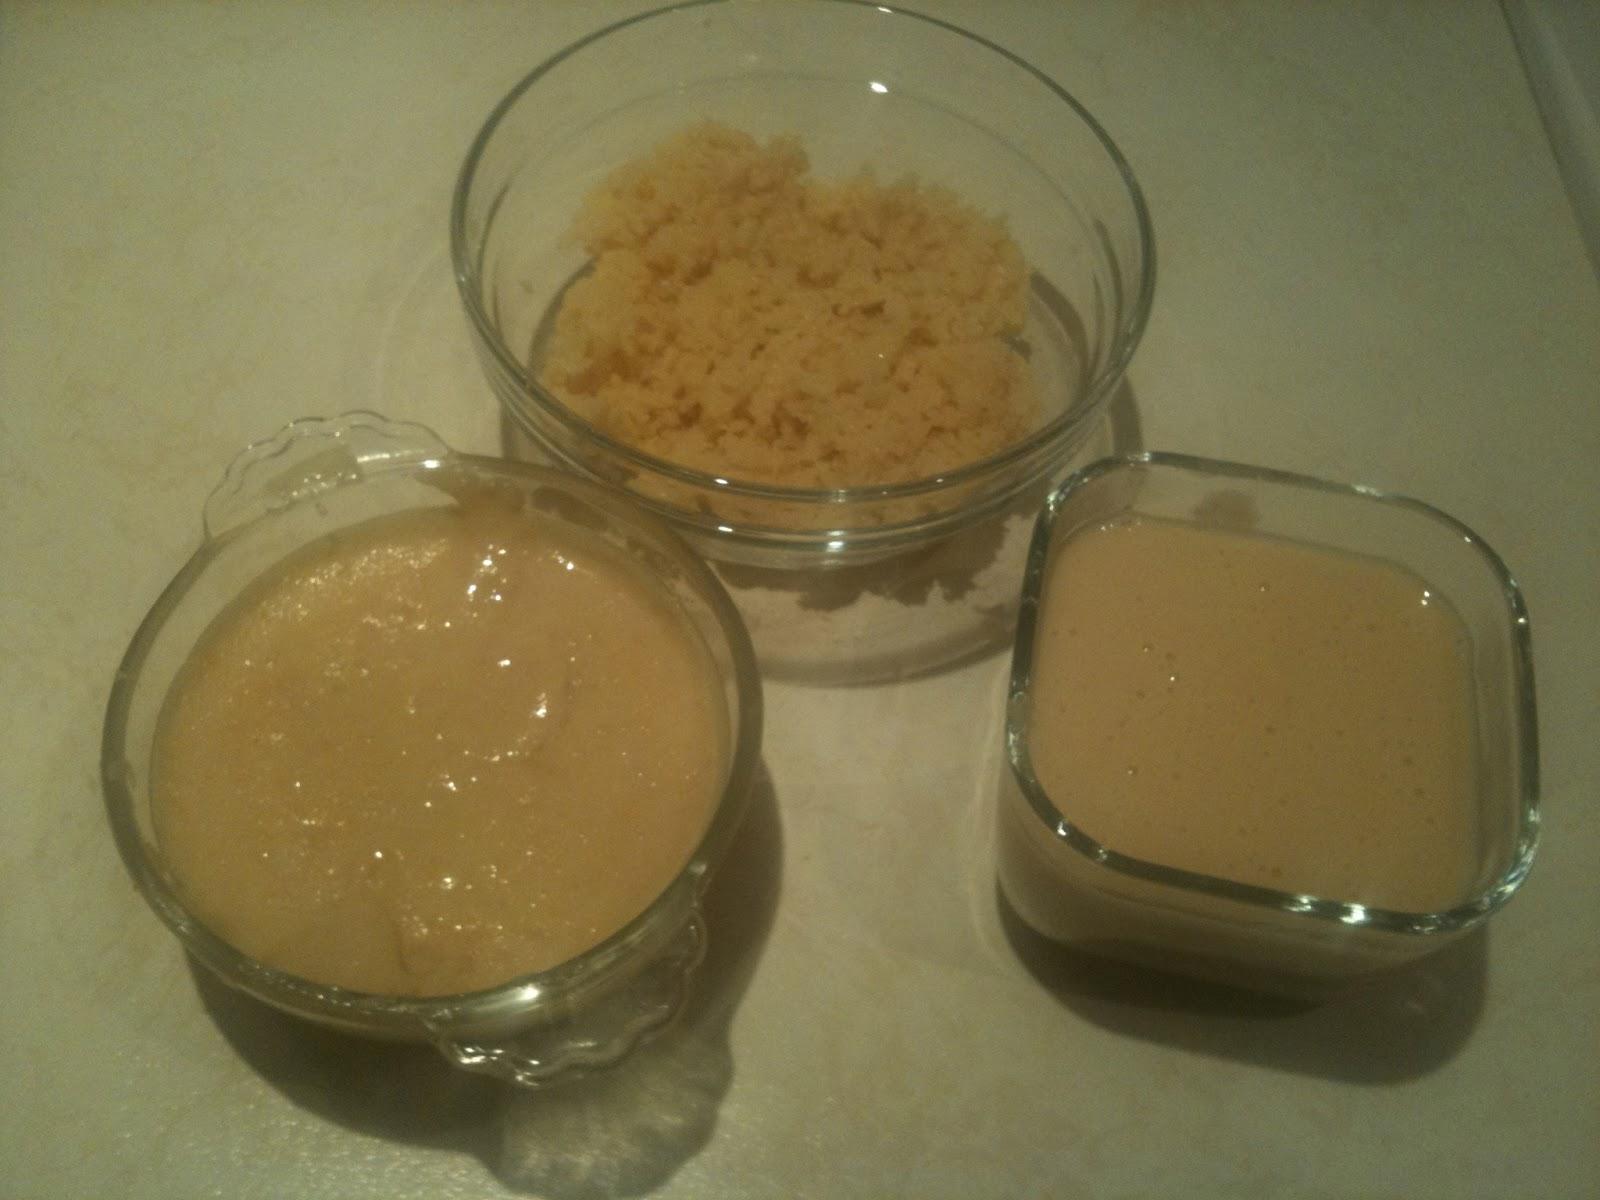 Dönüş bir diyet süt ürünüdür. Yağsız süt ev yapımı süzme peynir yemek tarifi